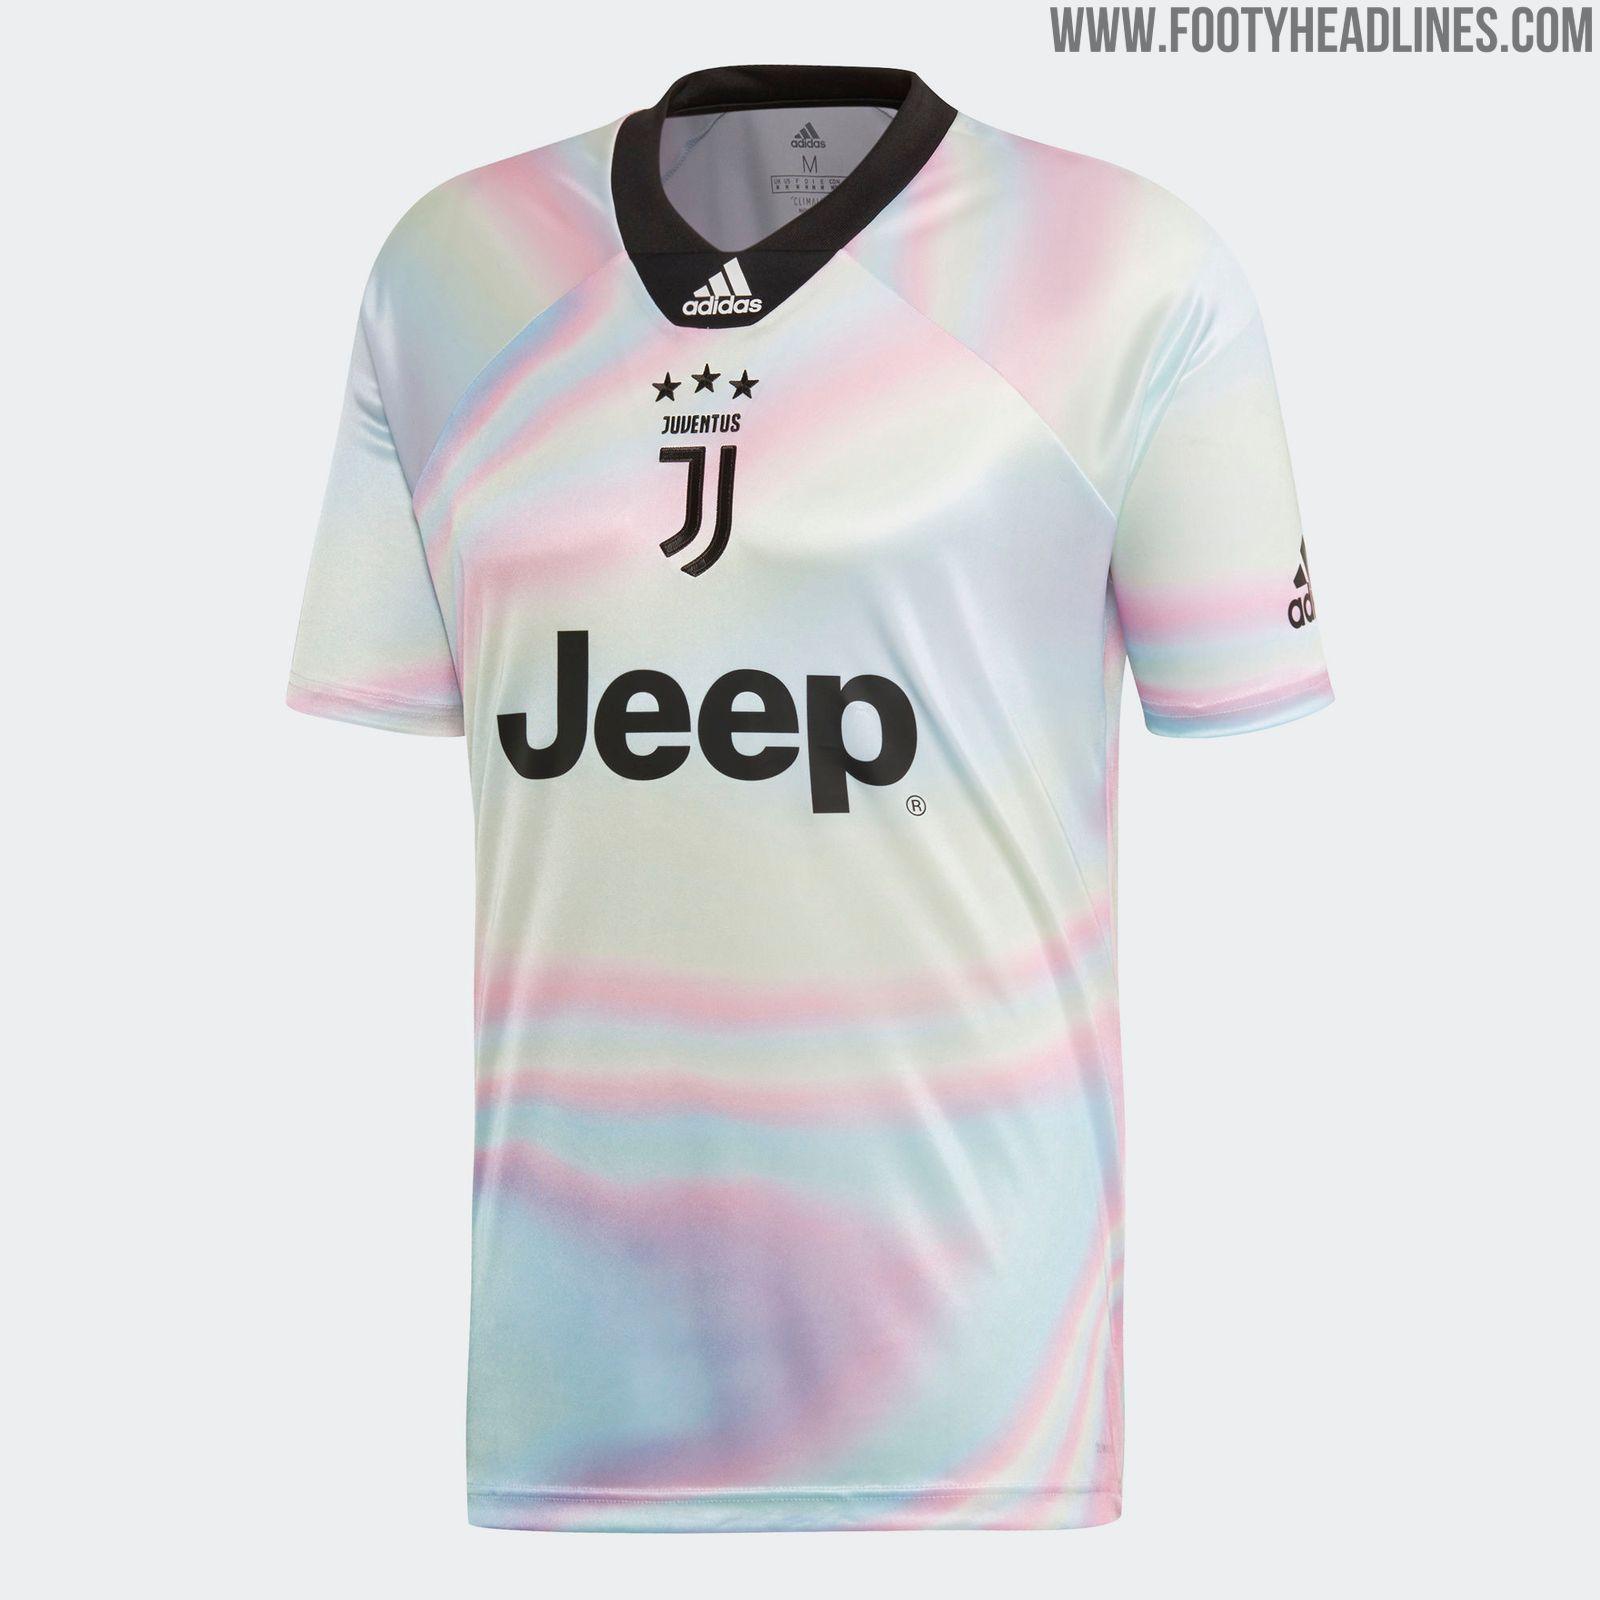 Insane Adidas X Ea Sports Juventus Fourth Kit Released